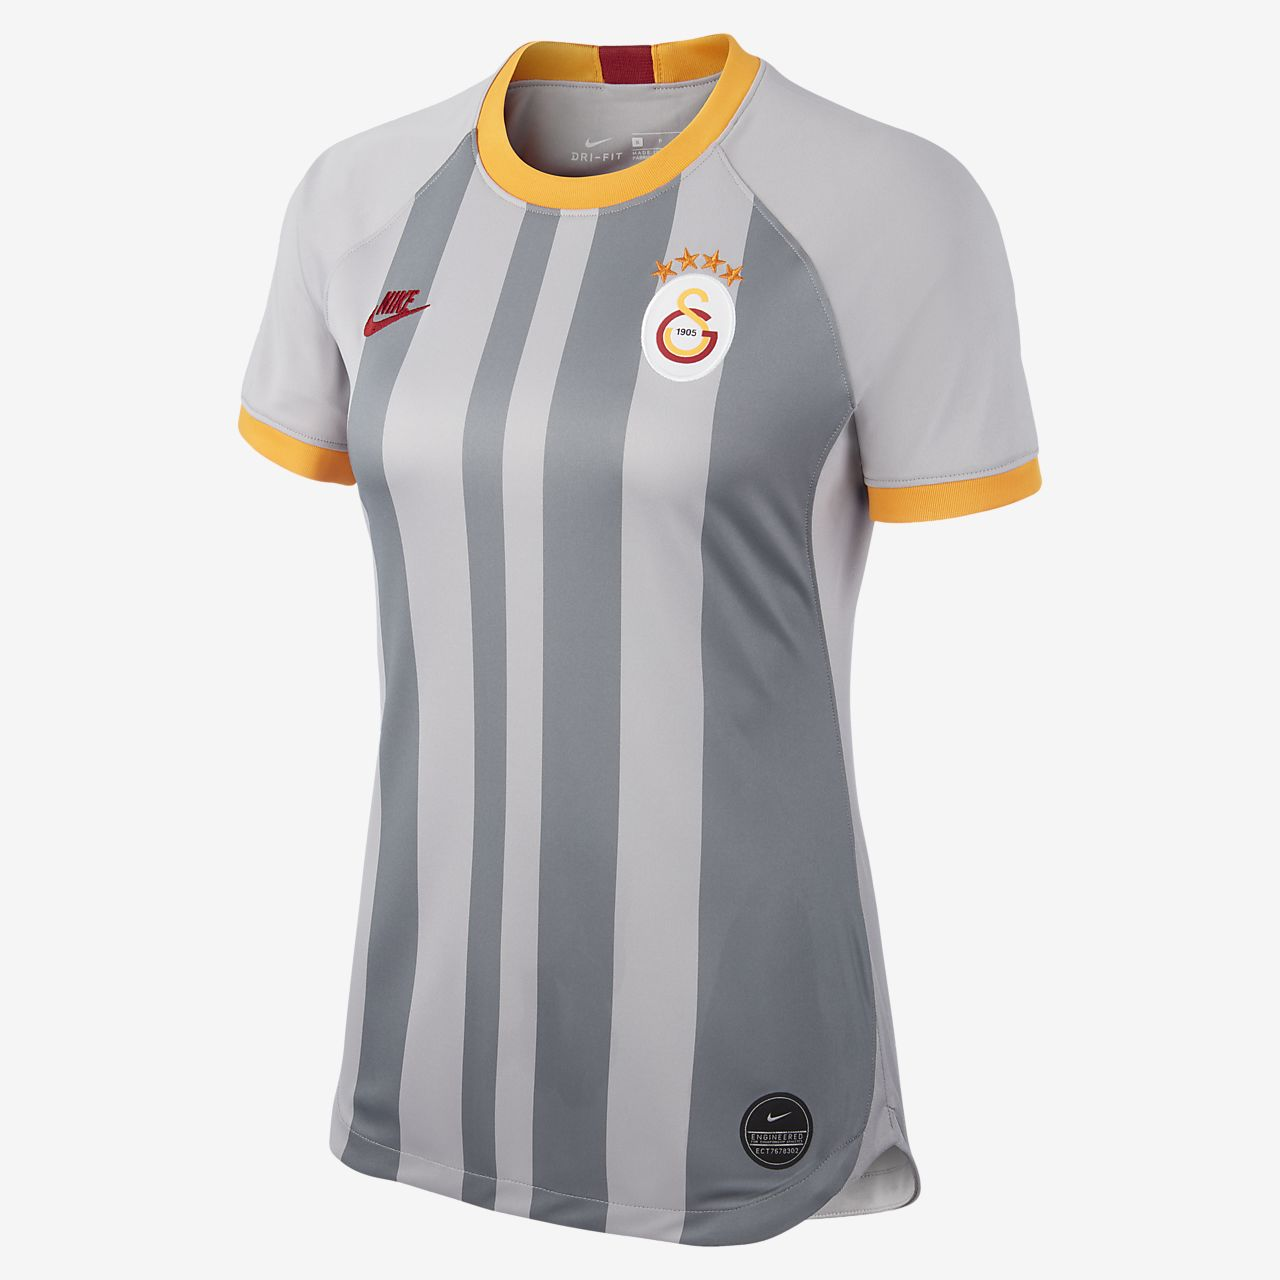 Fotbollströja Galatasaray 2019/20 Stadium Third för kvinnor